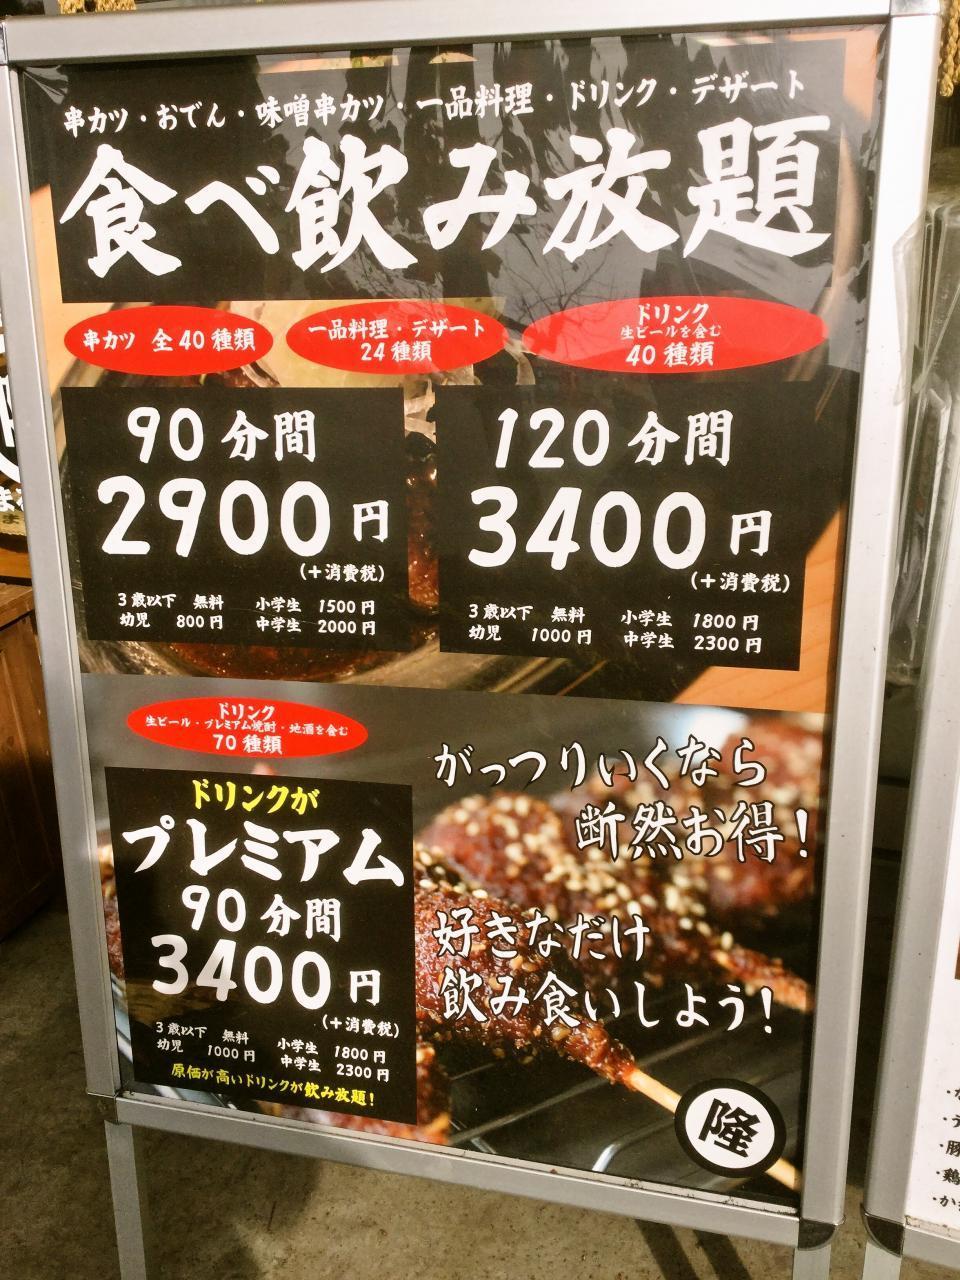 関西串カツまるりゅうたまプラーザ店(店舗)